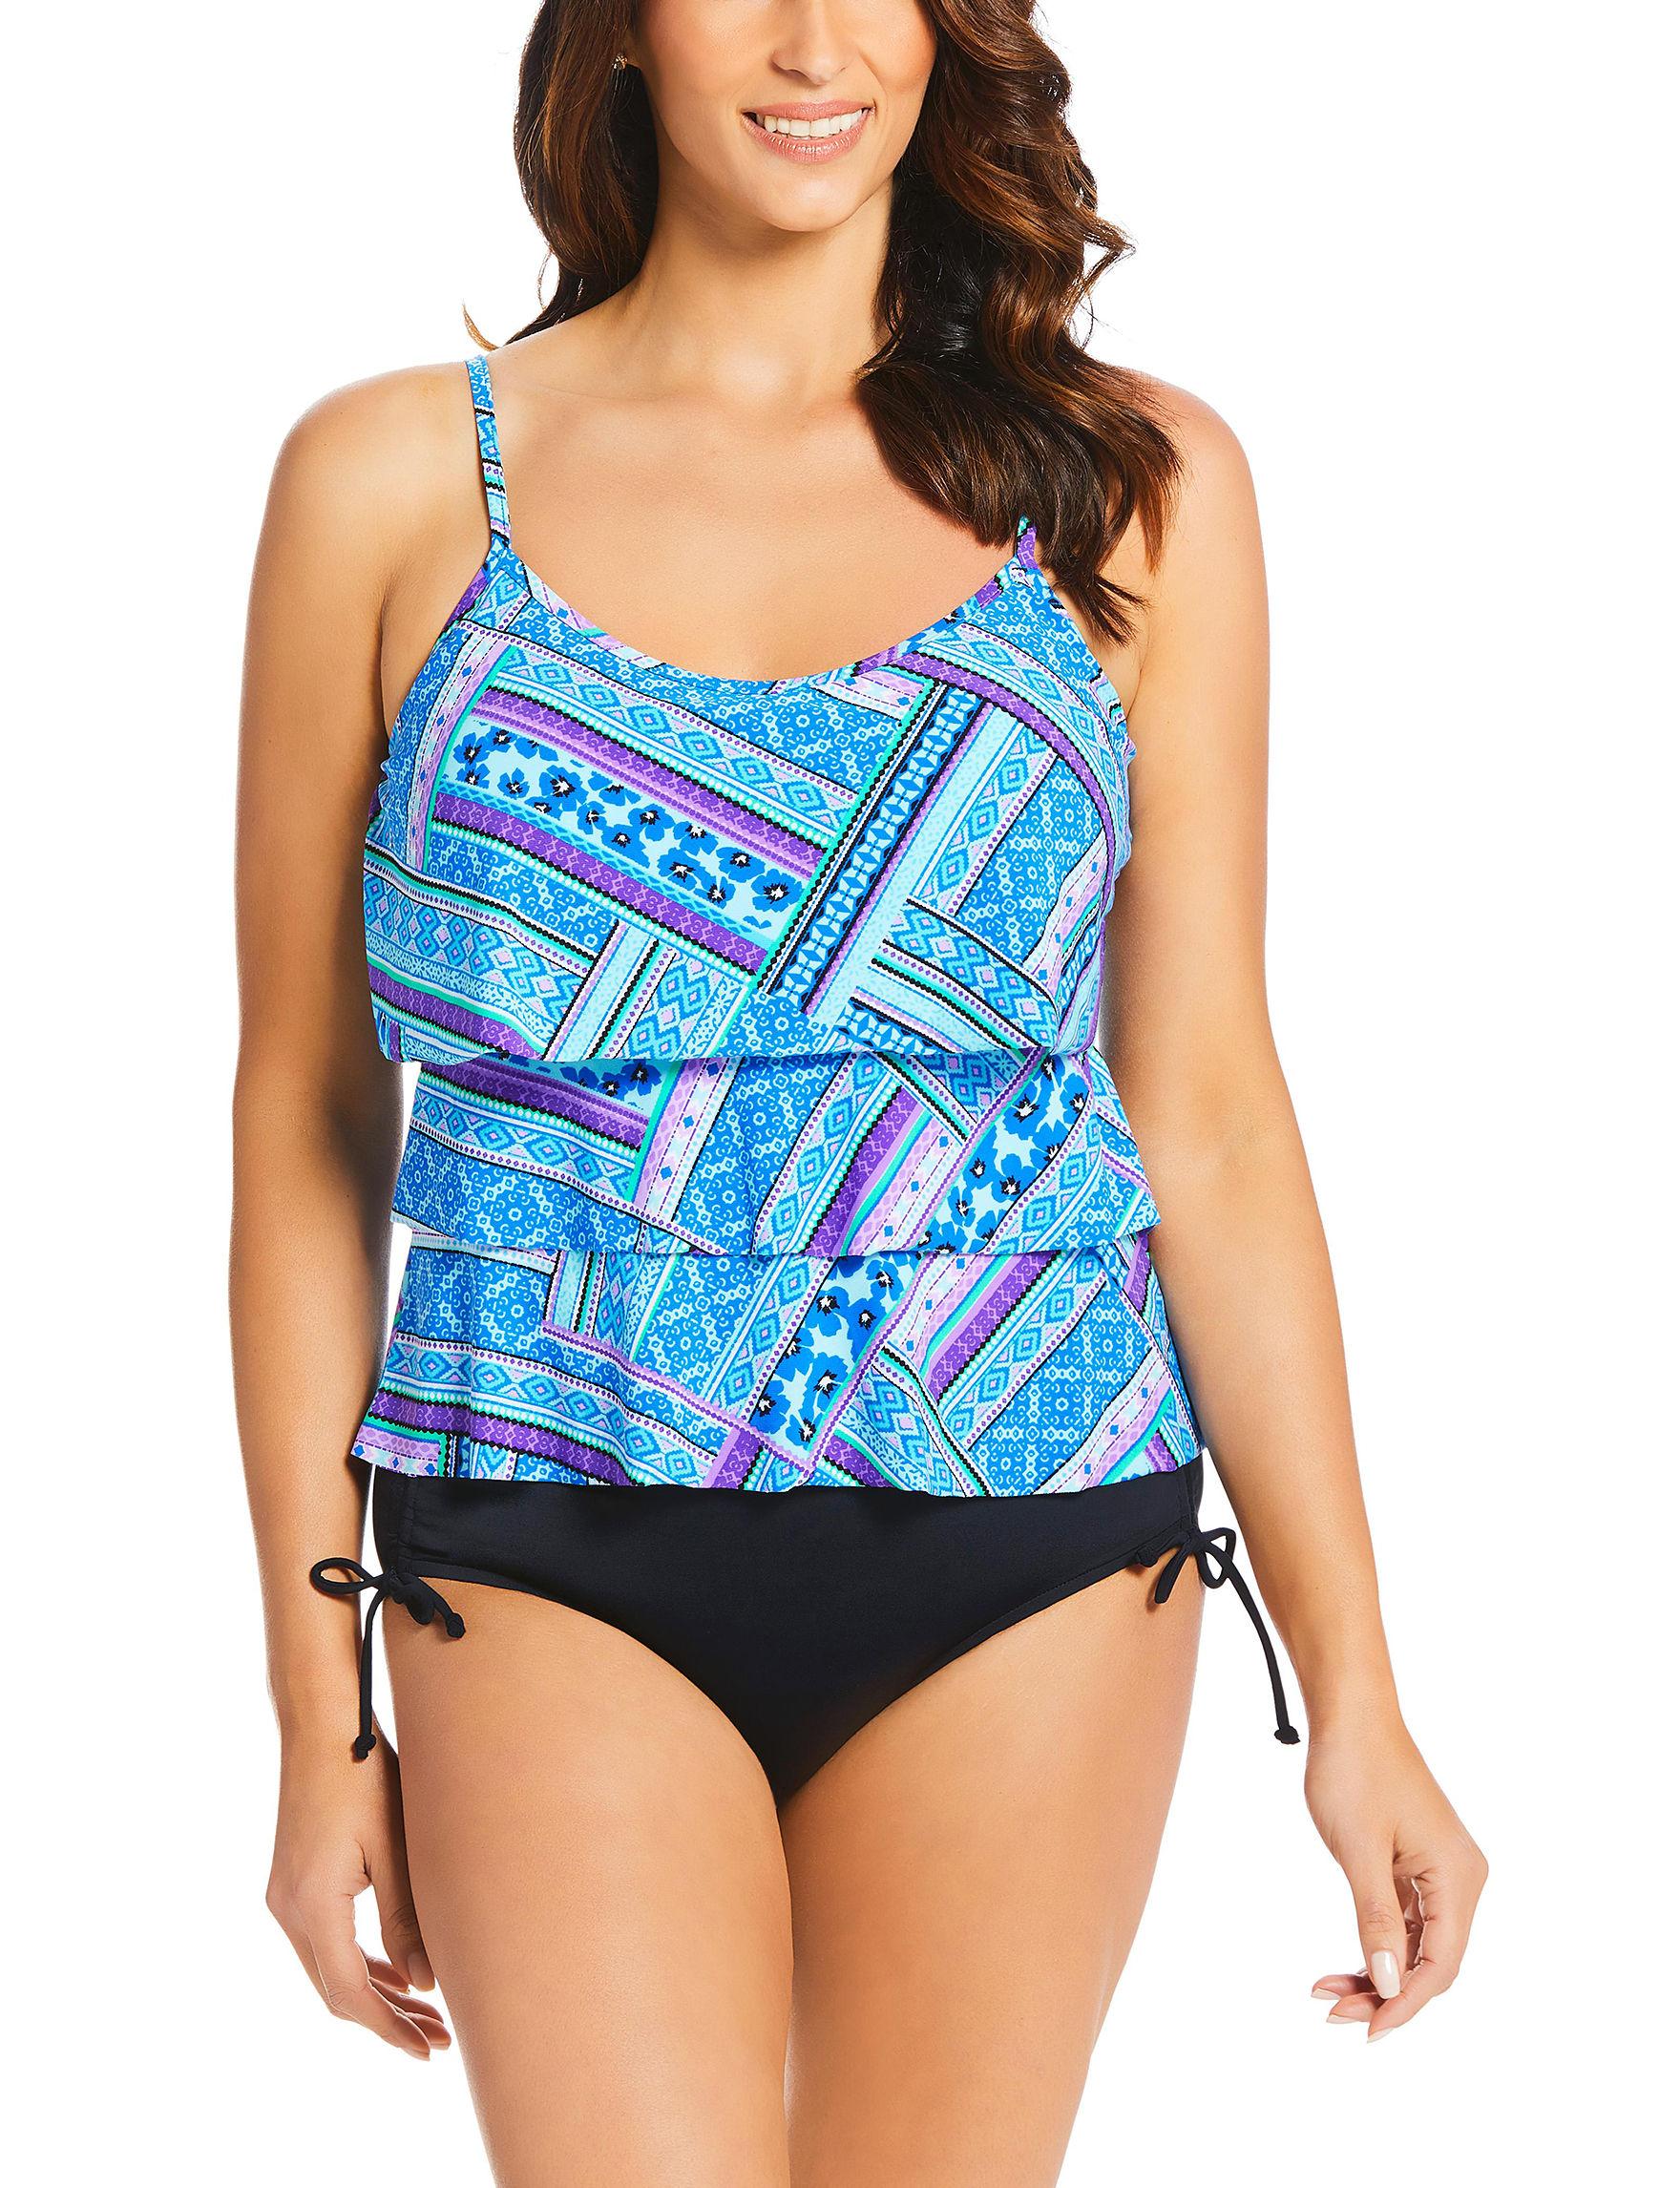 Caribbean Joe Blue Swimsuit Tops Tankini